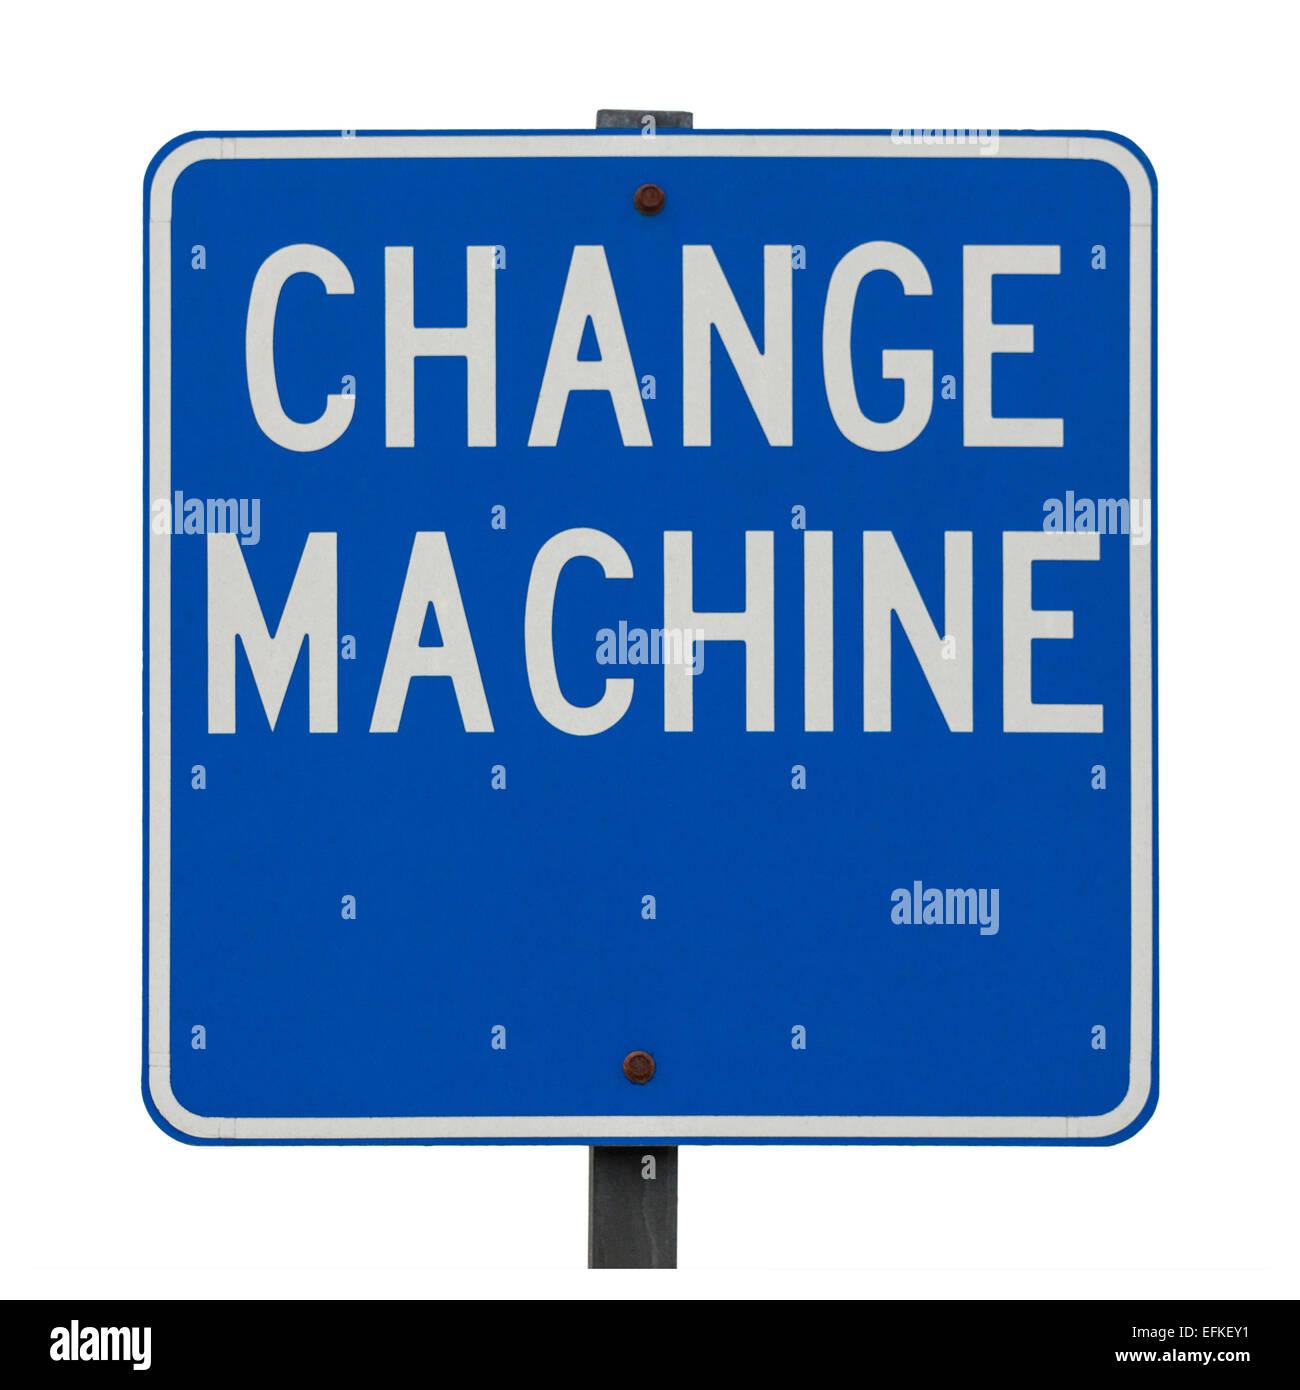 Cartel con cambio de signo máquina junto a una máquina de cambio de moneda. Concepto, señal azul Imagen De Stock